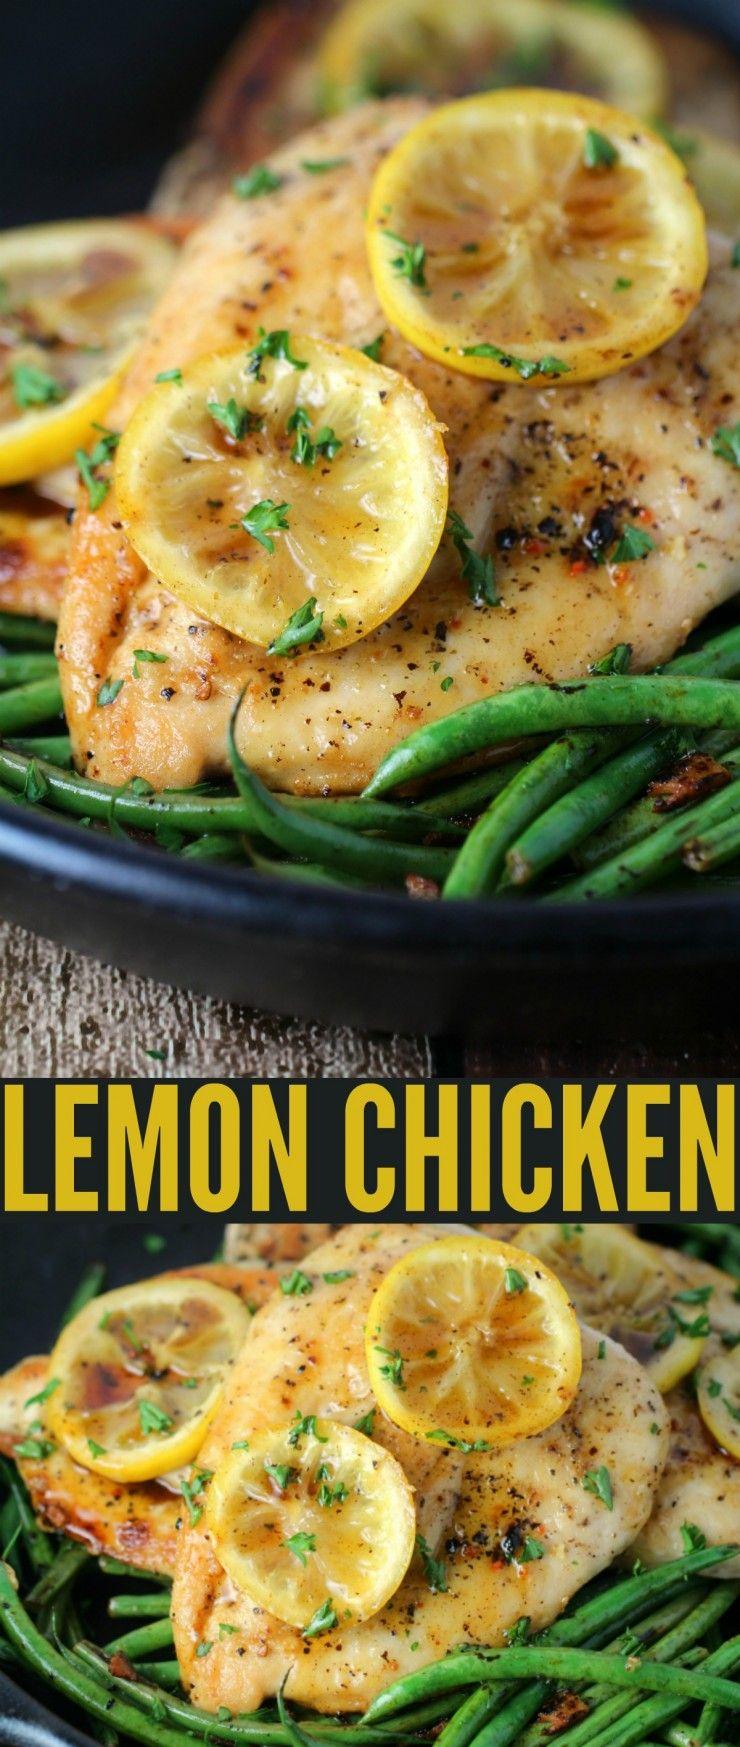 Lemon Chicken Recipe Spring Recipes Dinner Lemon Chicken Recipe Recipes